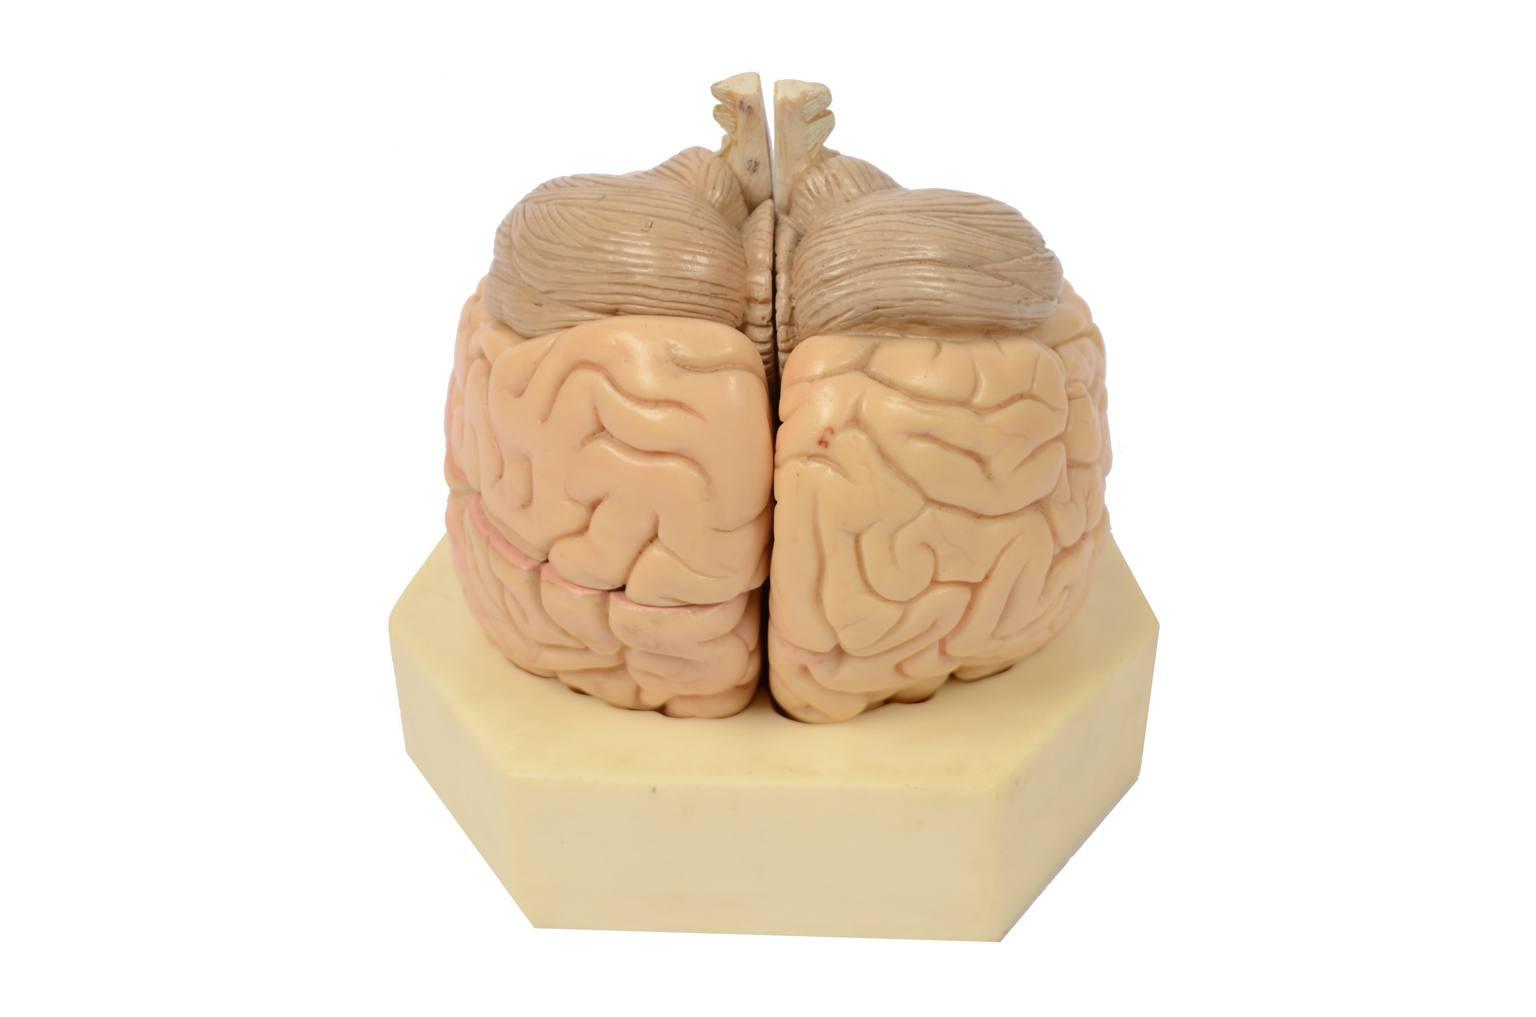 Strumenti medici d'epoca/6133-Modello cervello